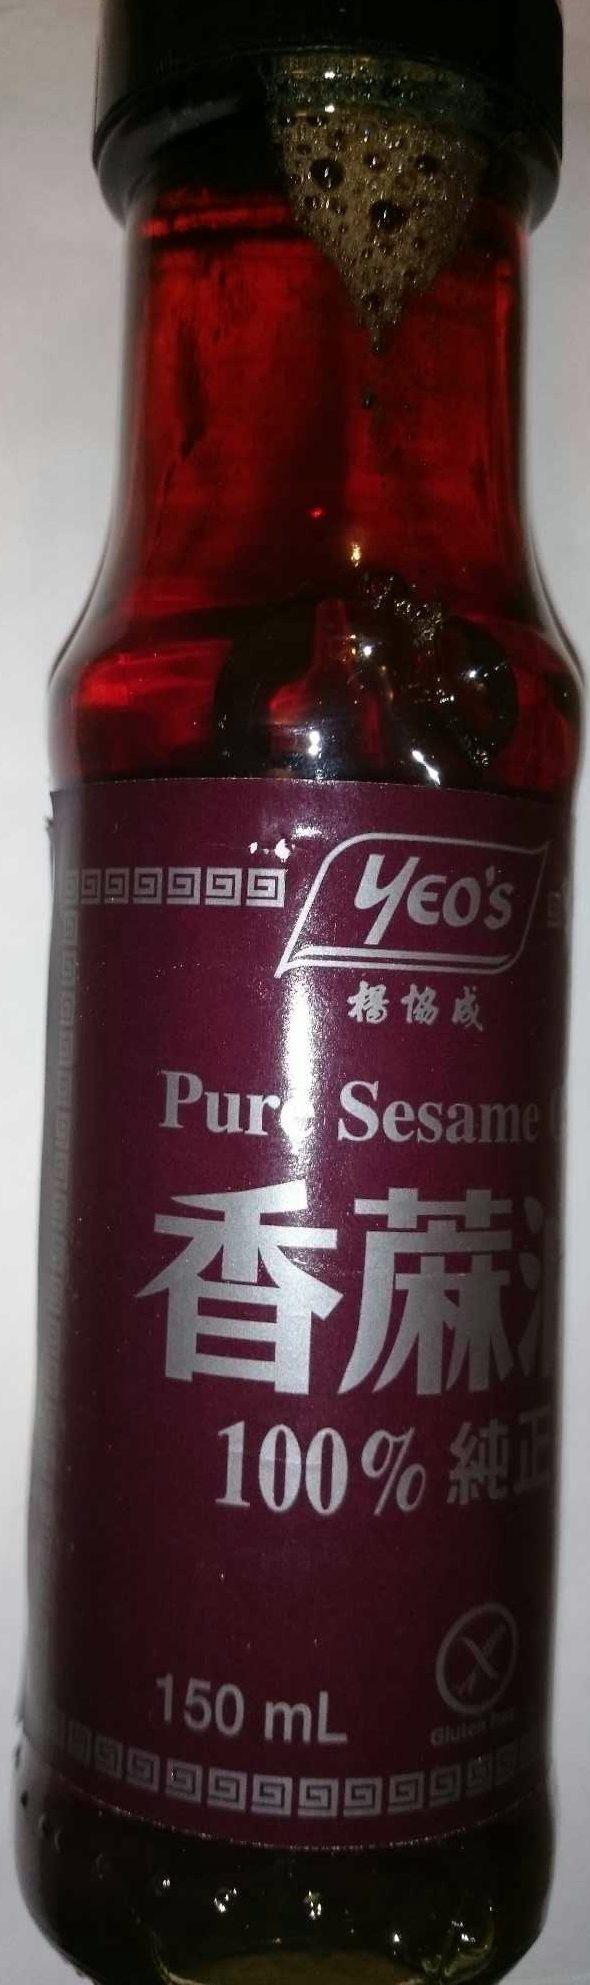 Pure huile de sésame - Product - en